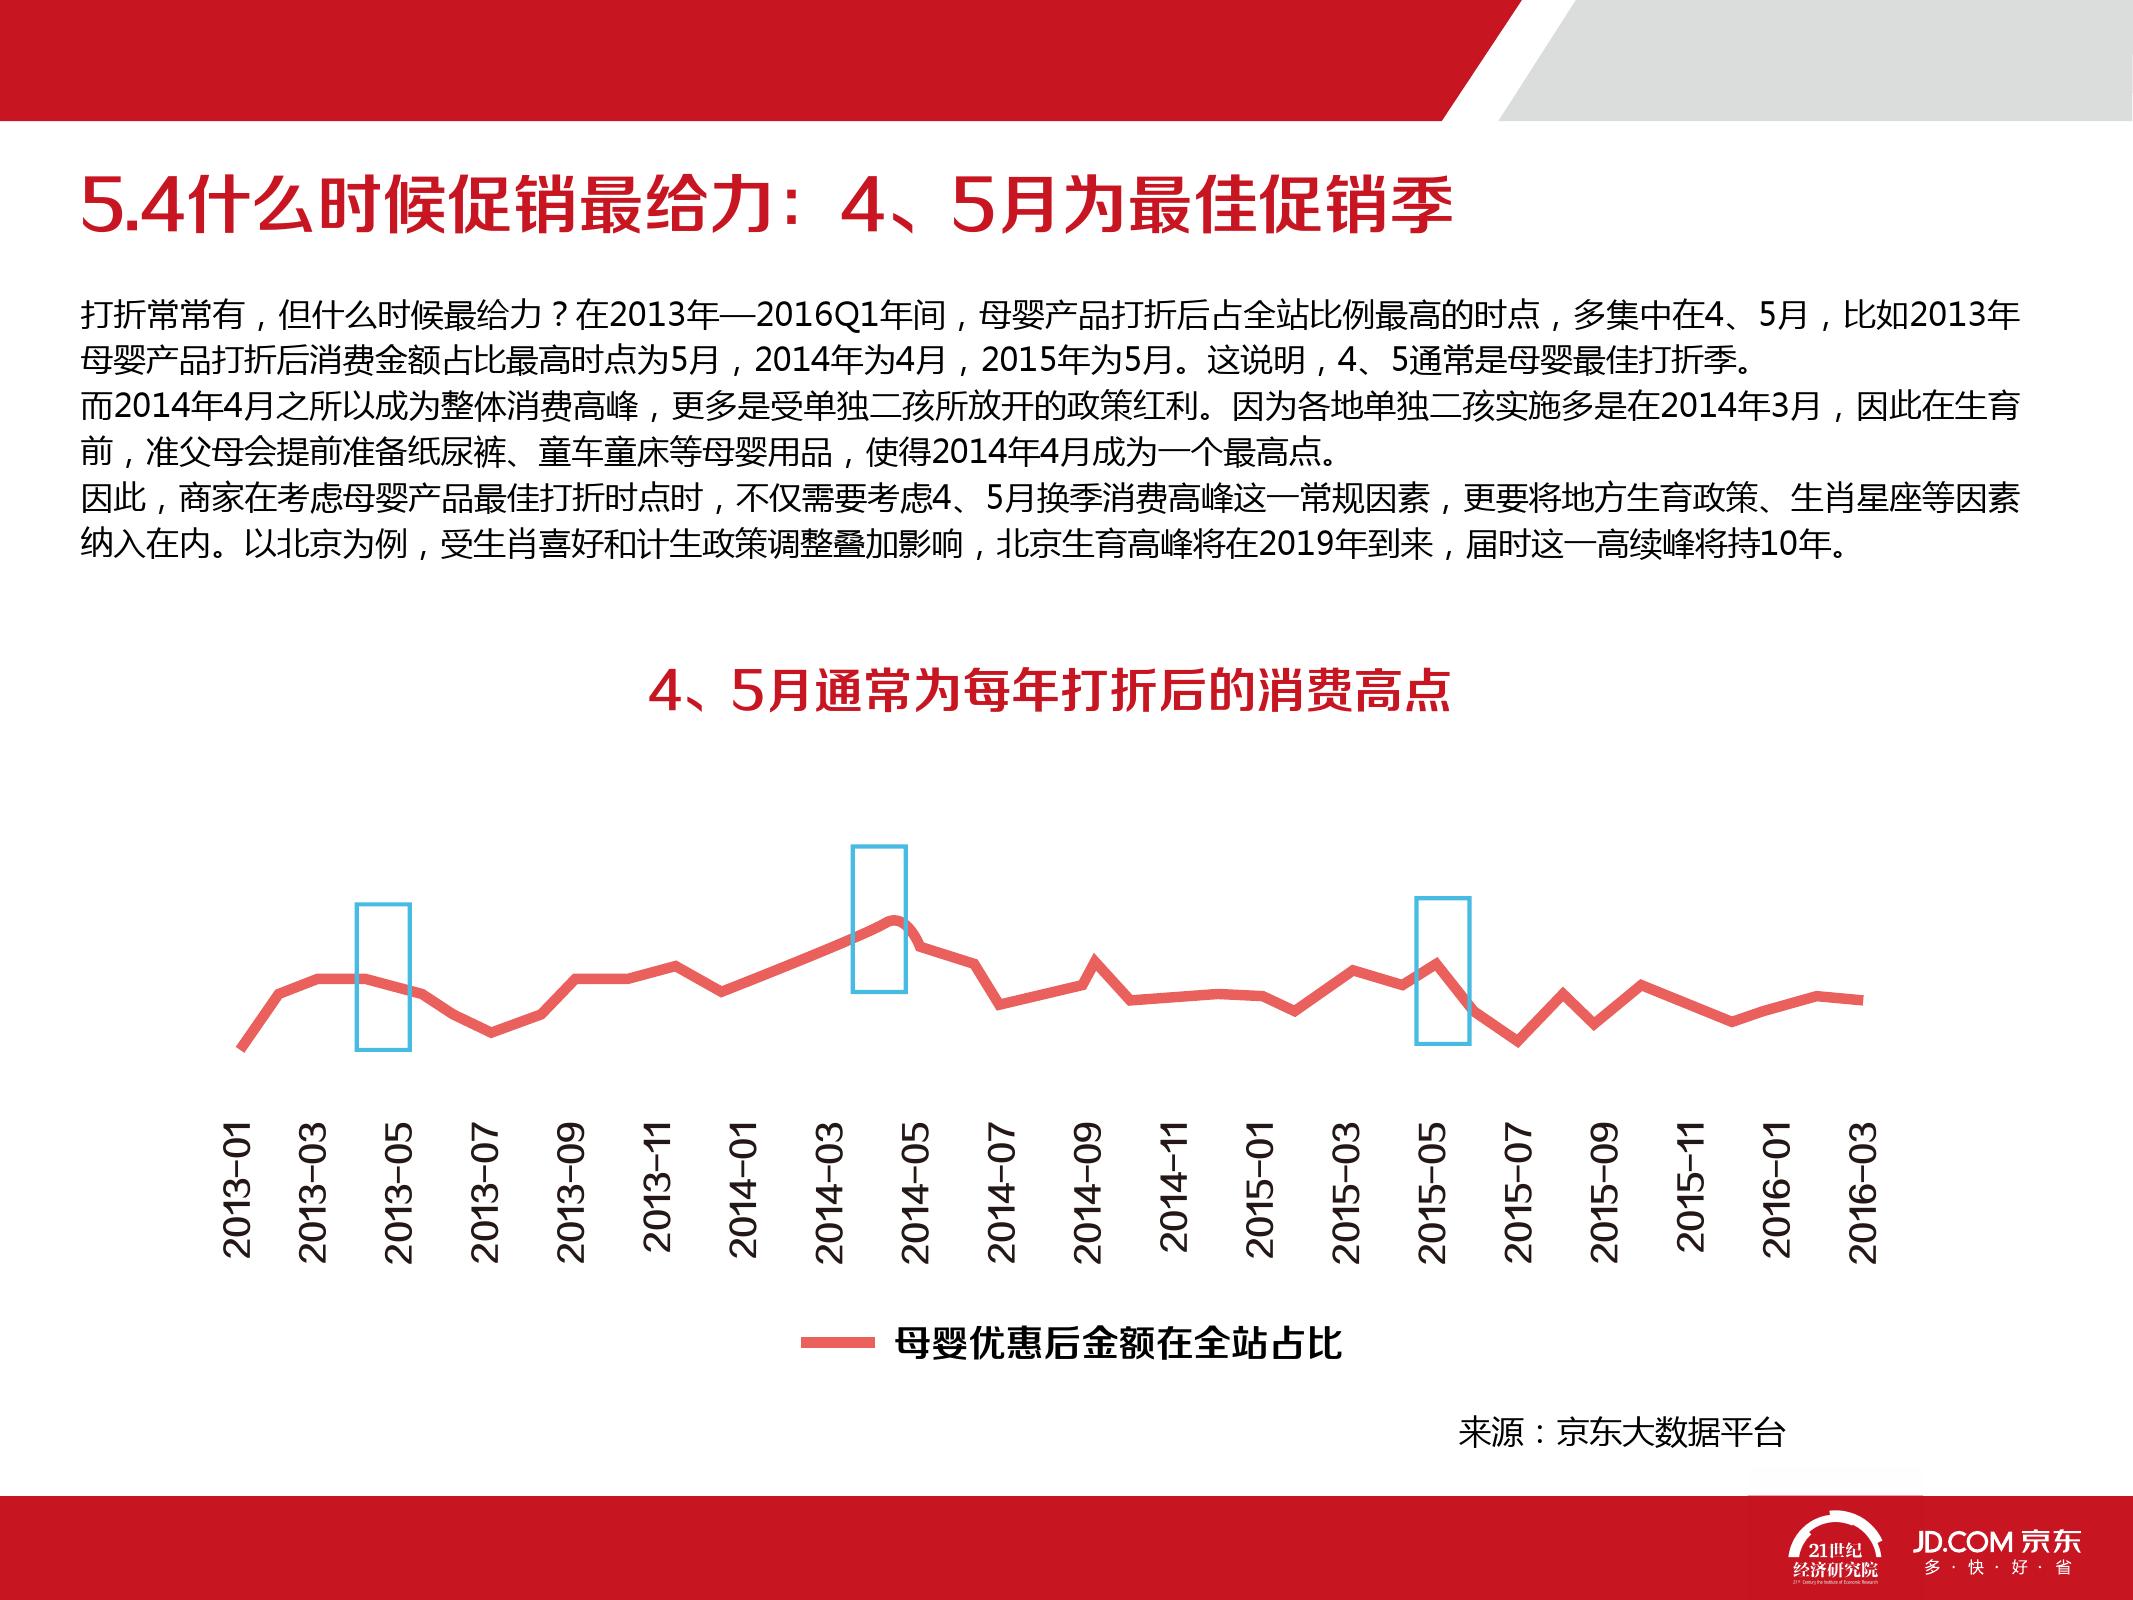 2016中国母婴产品消费趋势报告_000062